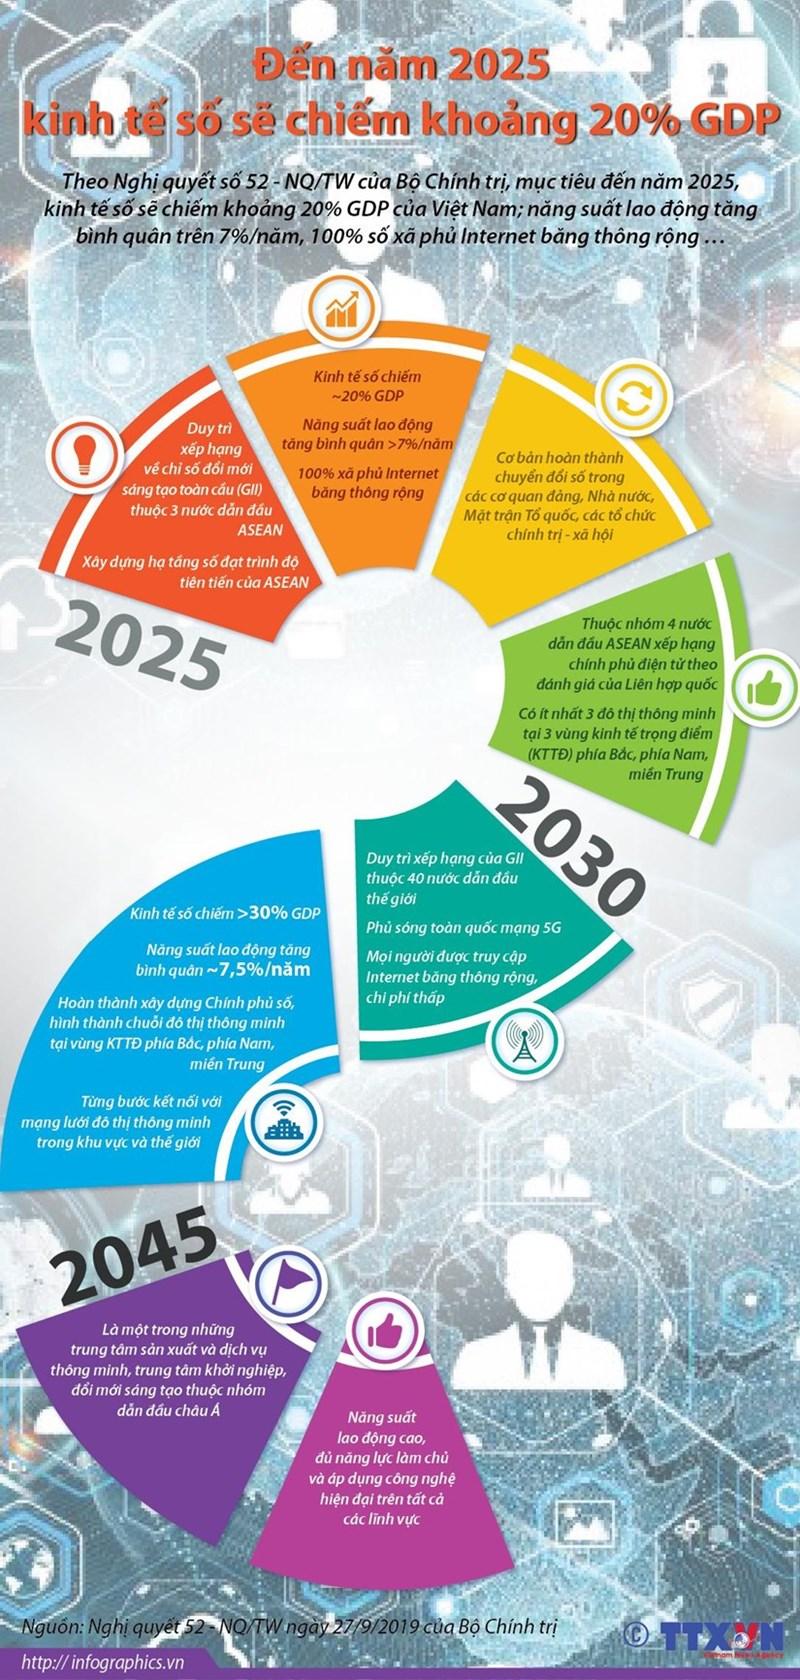 [Infographics] Đến năm 2025, kinh tế số sẽ chiếm khoảng 20% GDP - Ảnh 1